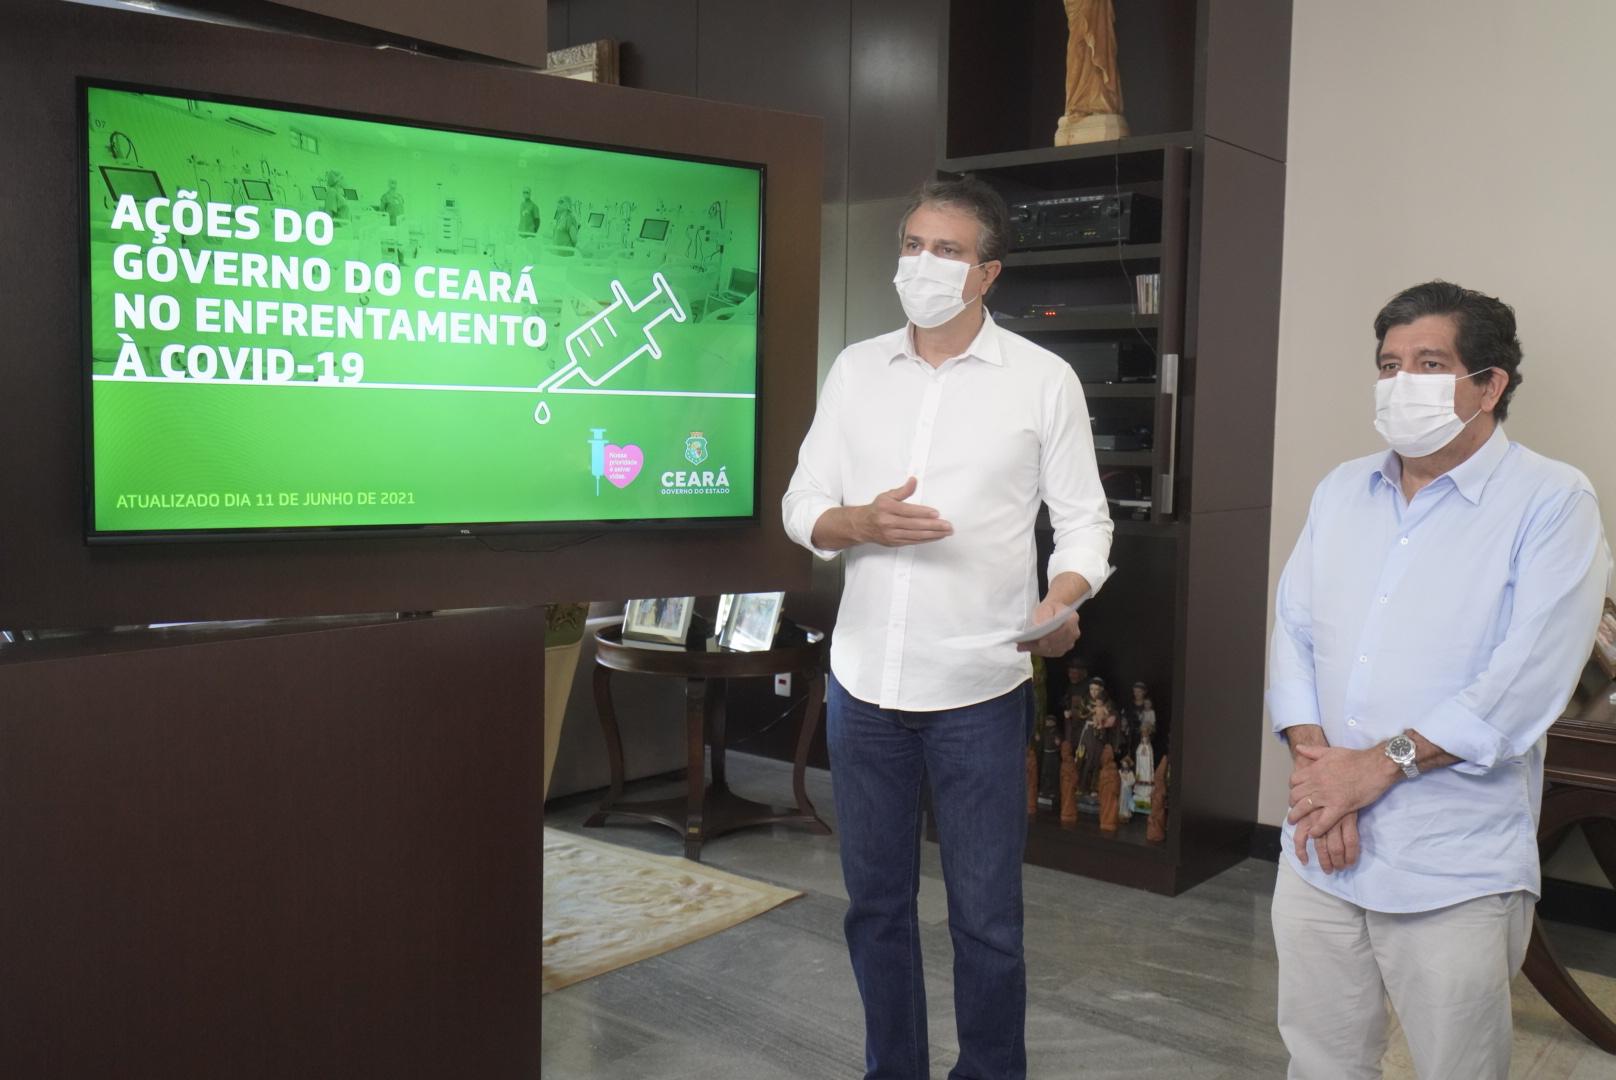 Novo decreto autoriza retorno presencial para escolas de ensino médio em quatro macrorregiões do Ceará; Cariri segue com restrições